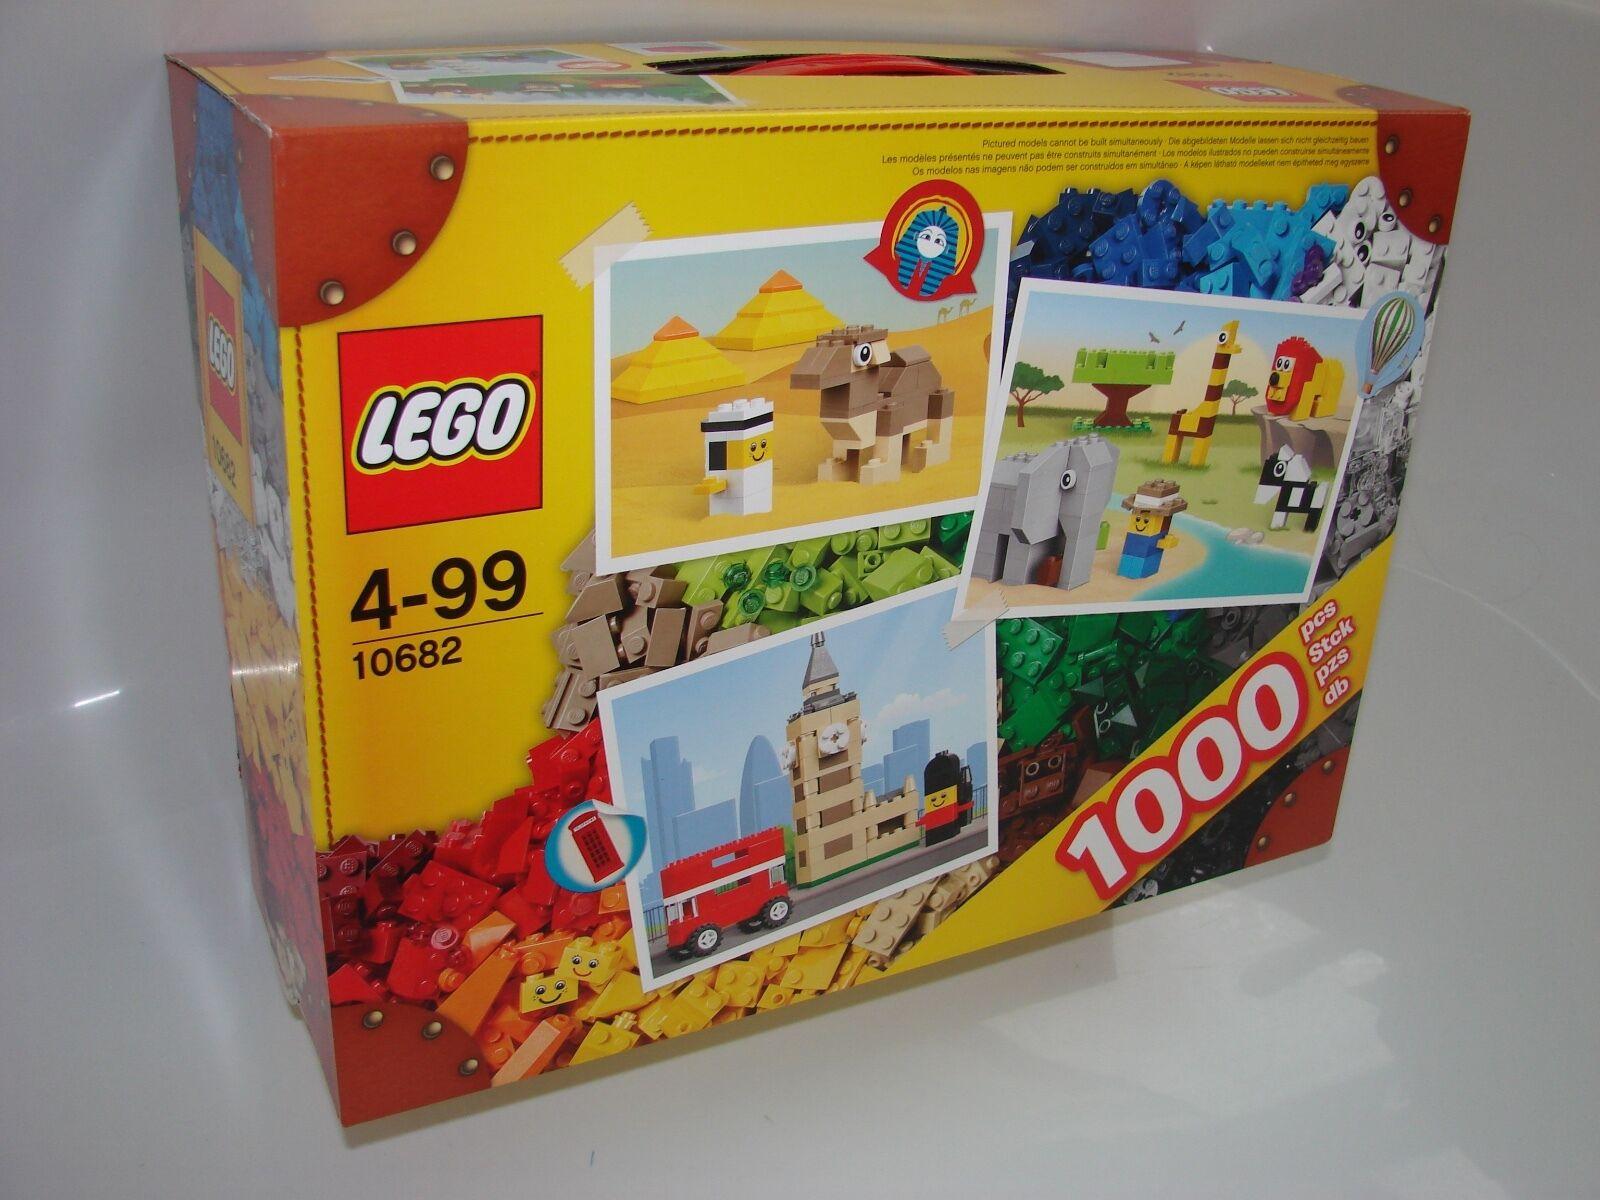 LEGO ® pietre & Co. 10682 LEGO ®  estrellaTER VALIGIA NUOVO OVP _ Creative RACCOGLITORE nuovo MISB  autorizzazione